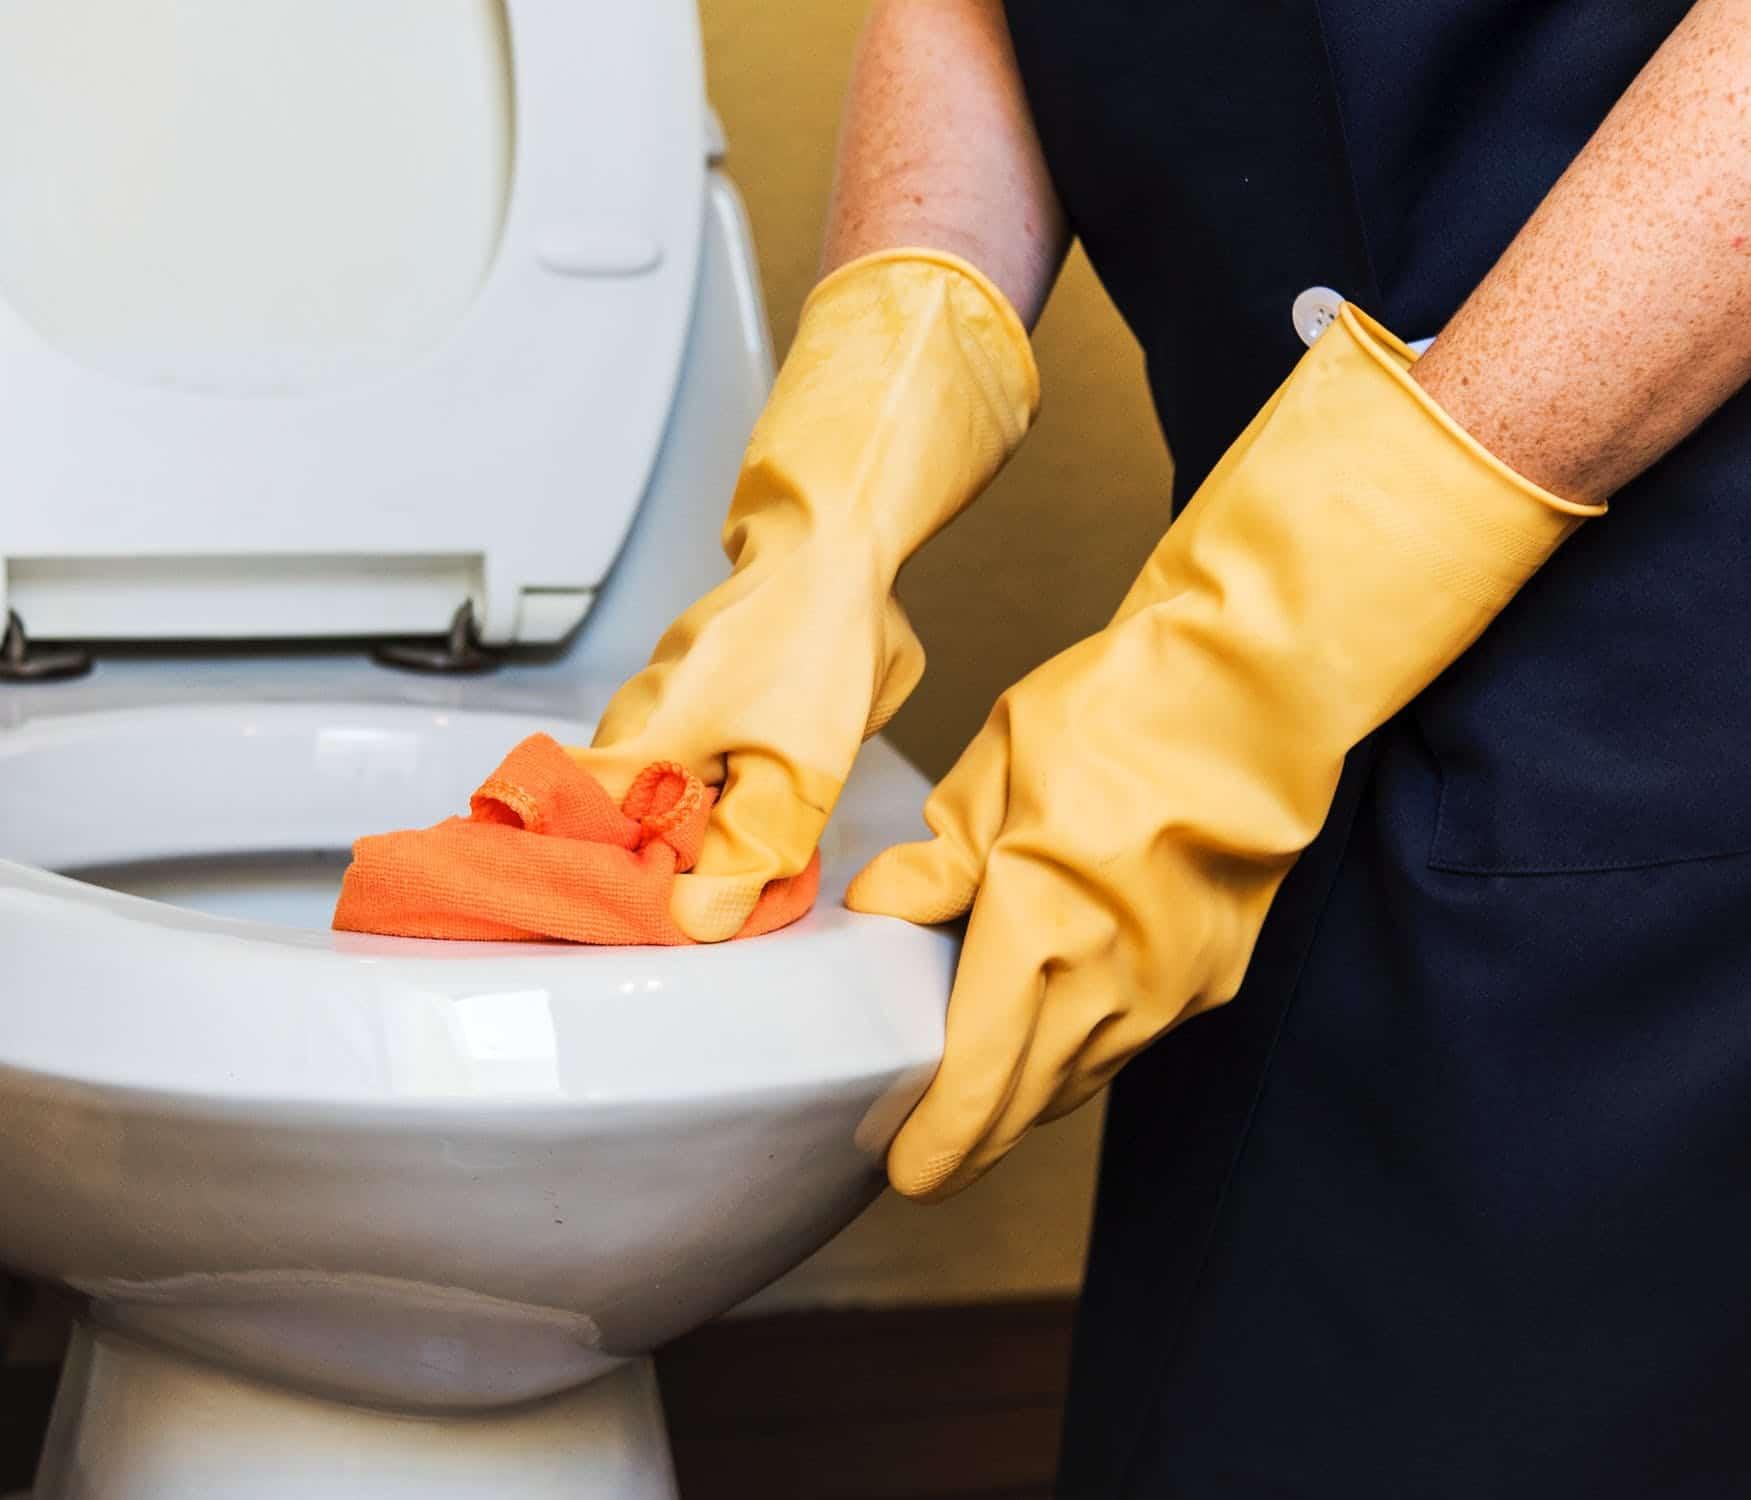 onderhoud sanitair